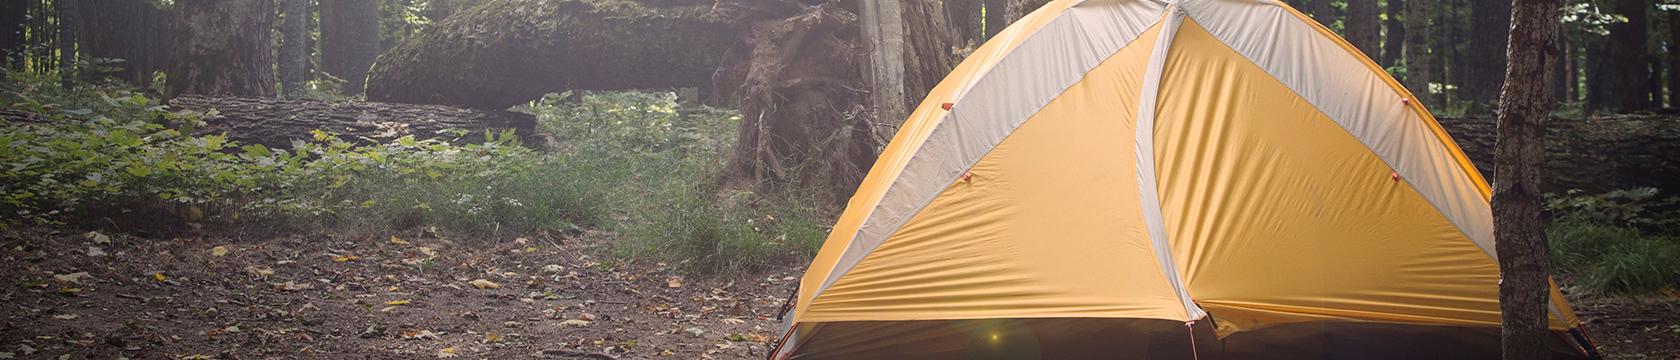 Onderhoud van de tent: proppen of vouwen, en andere